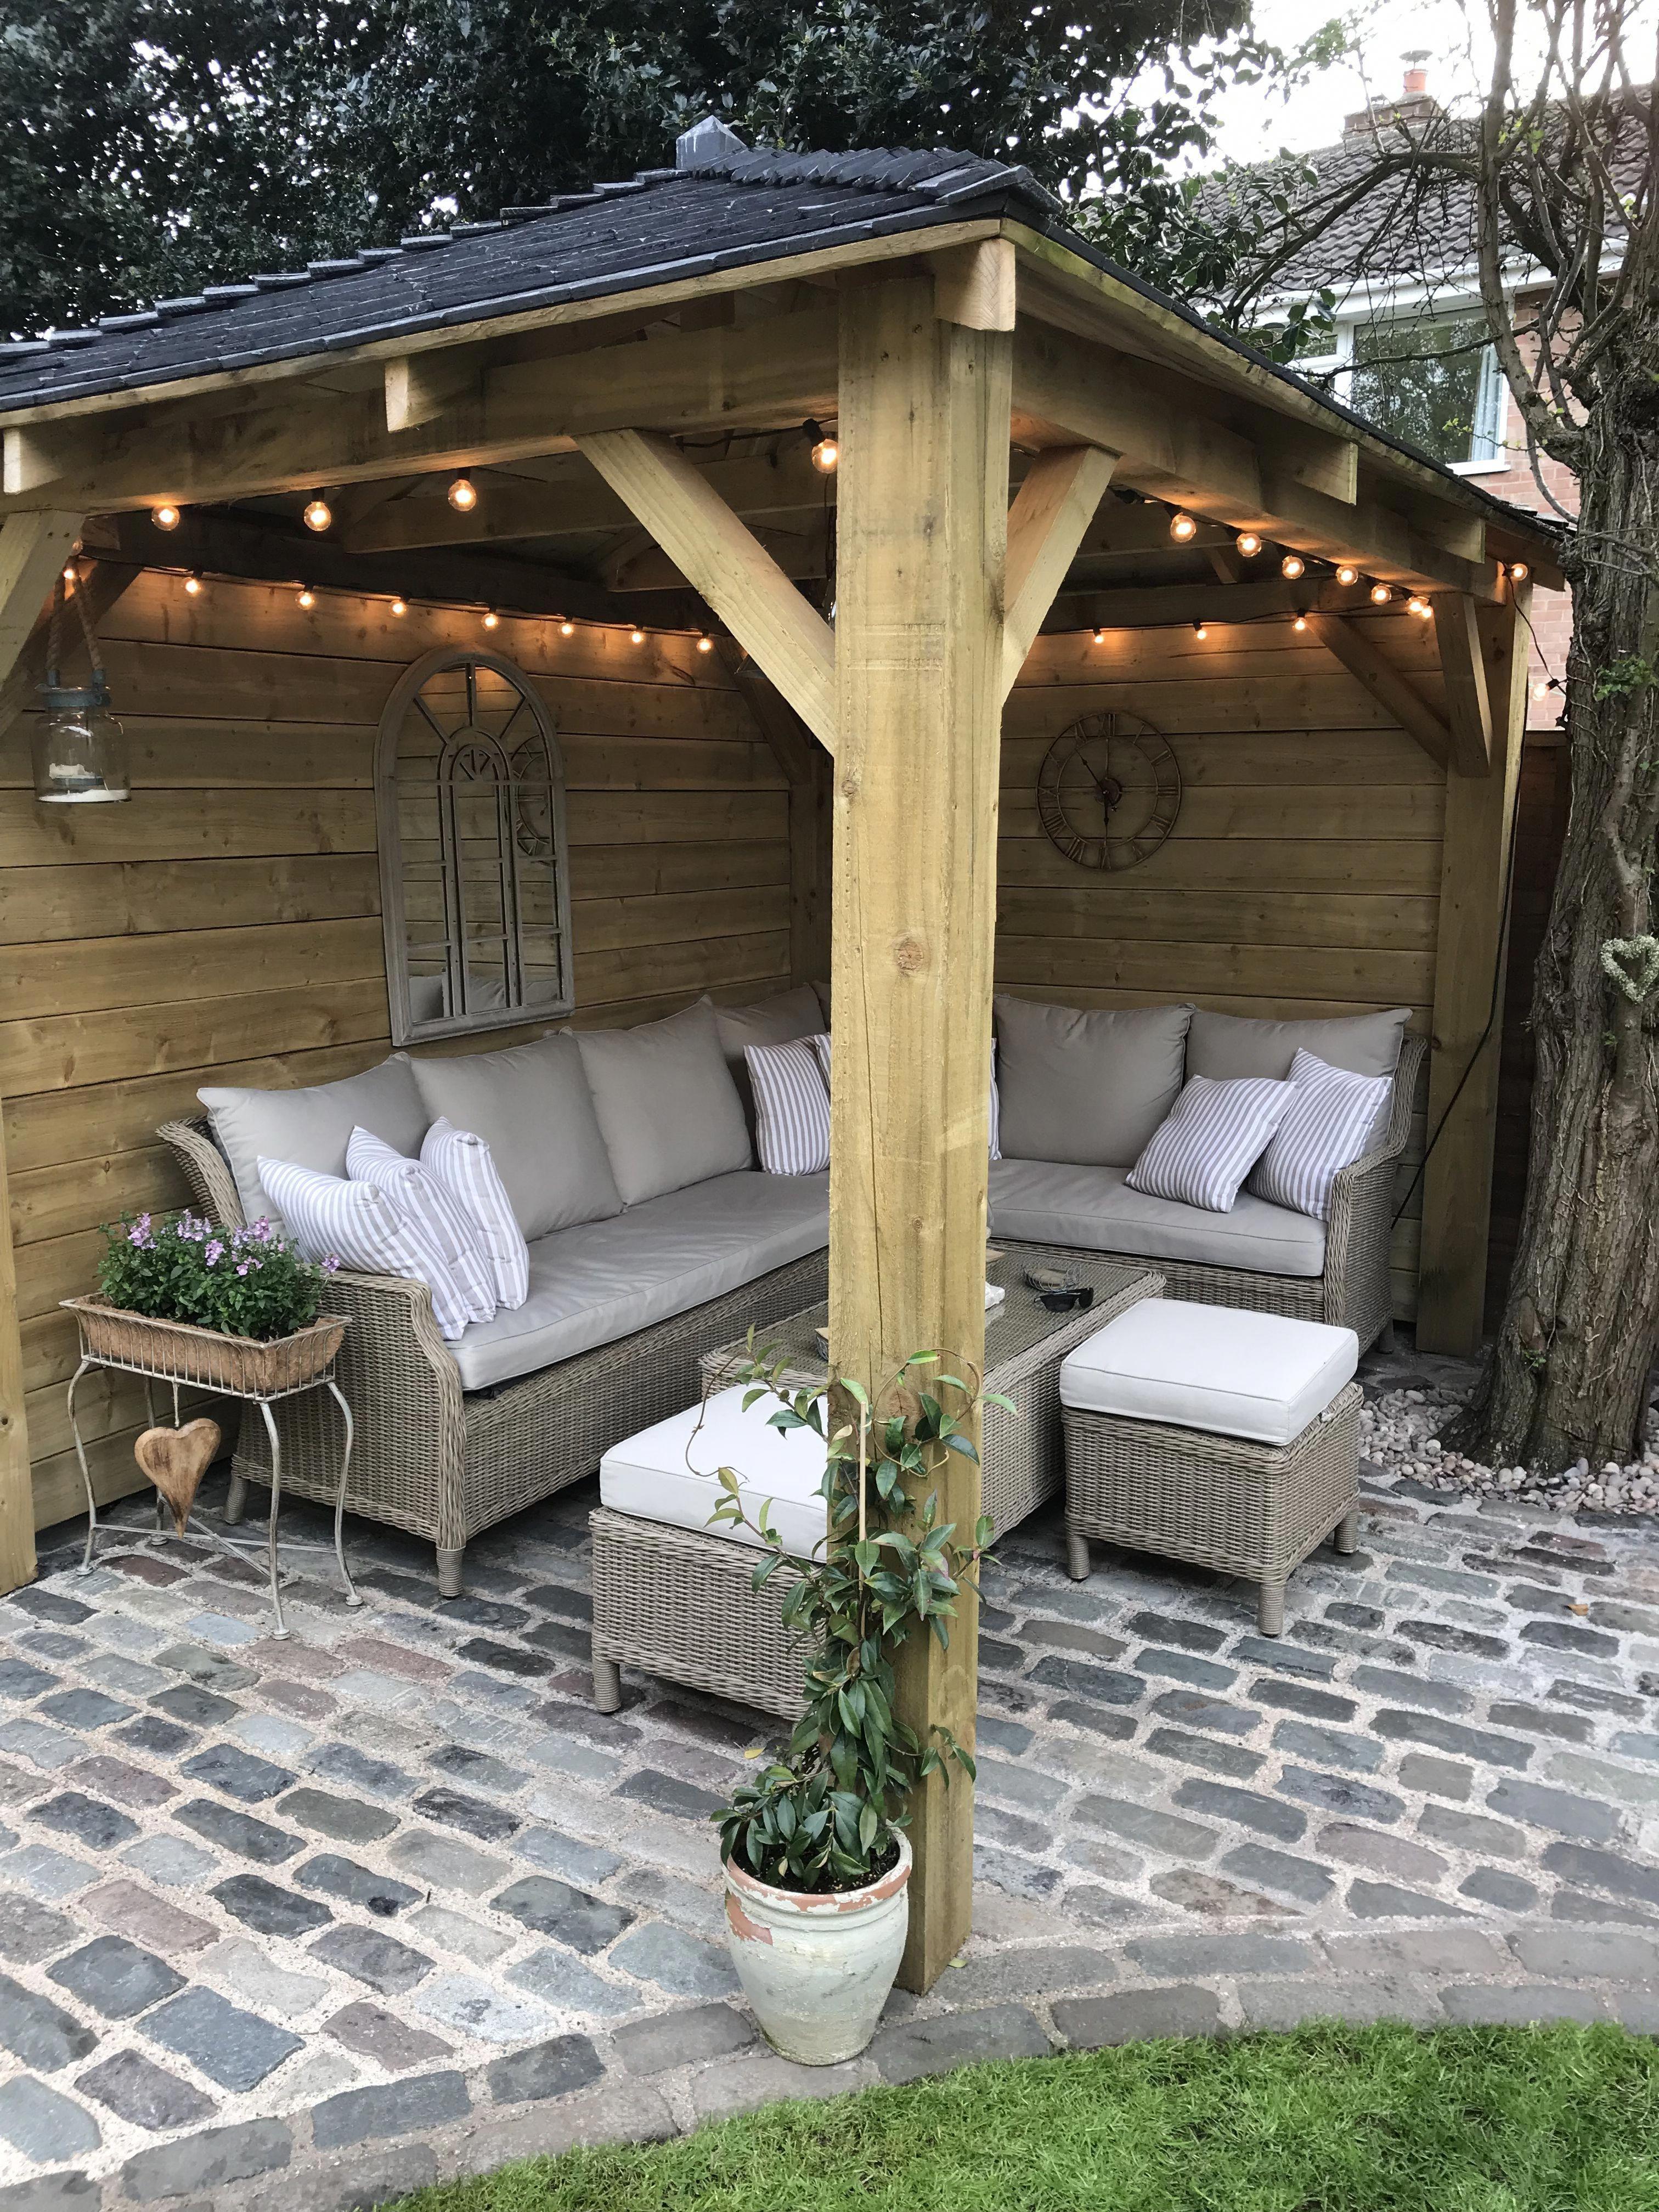 Homemade Wooden Gazebo Cobbles Garden Lights Outdoor Sofa Outdoor Seating Alfresco L Outdoor Patio Ideas Backyards Patio Layout Design Summer House Garden